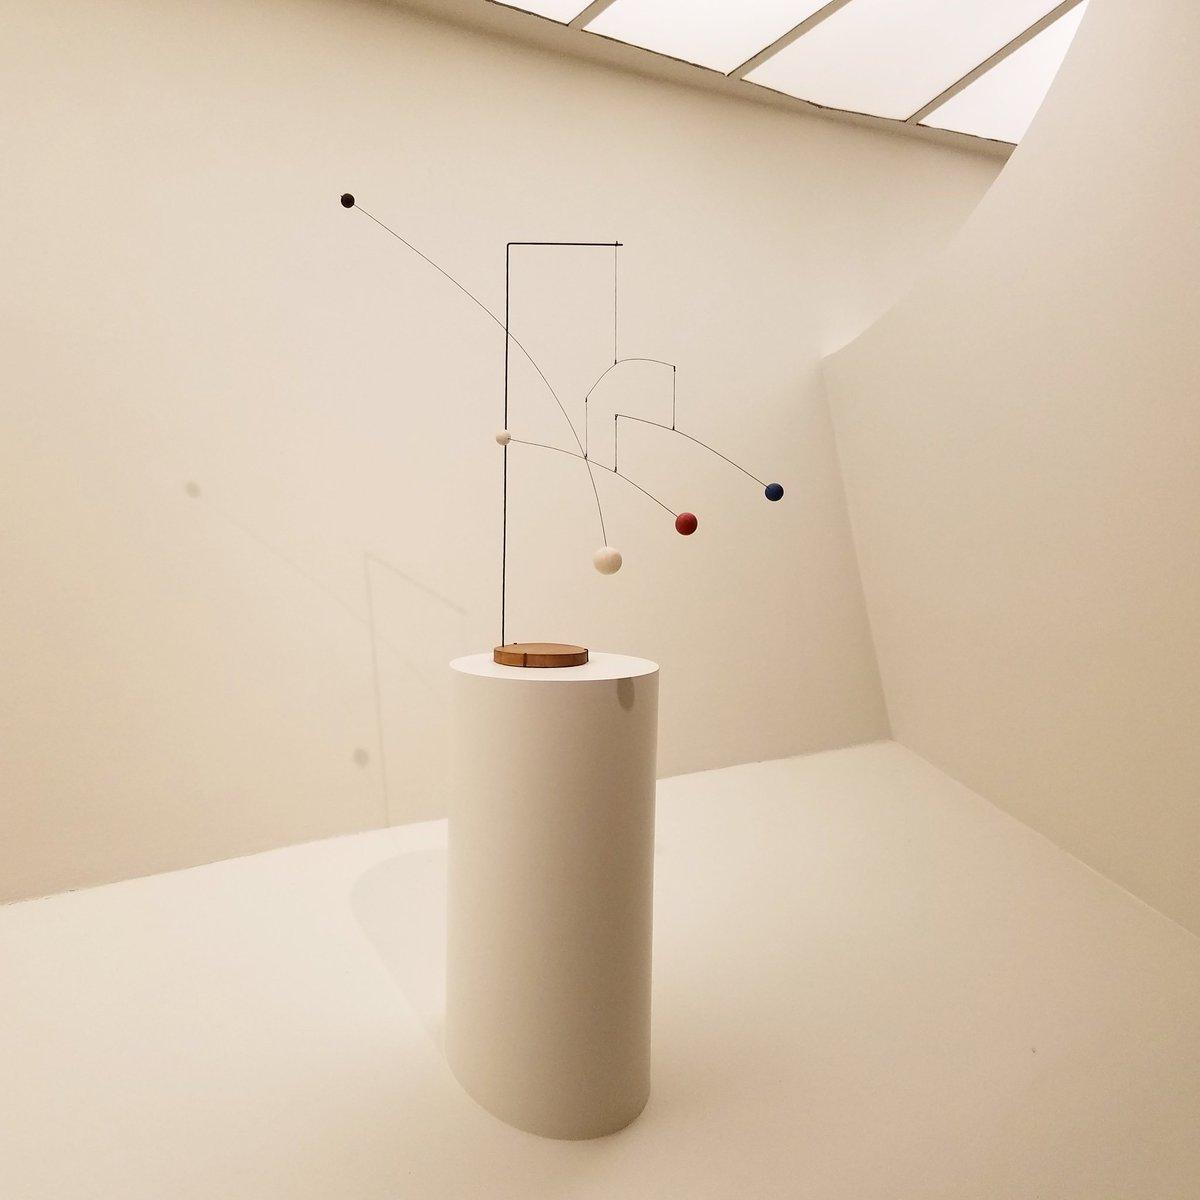 Playful... #Calder #Mobiles #Guggenheim<br>http://pic.twitter.com/eAbKm4lIpq